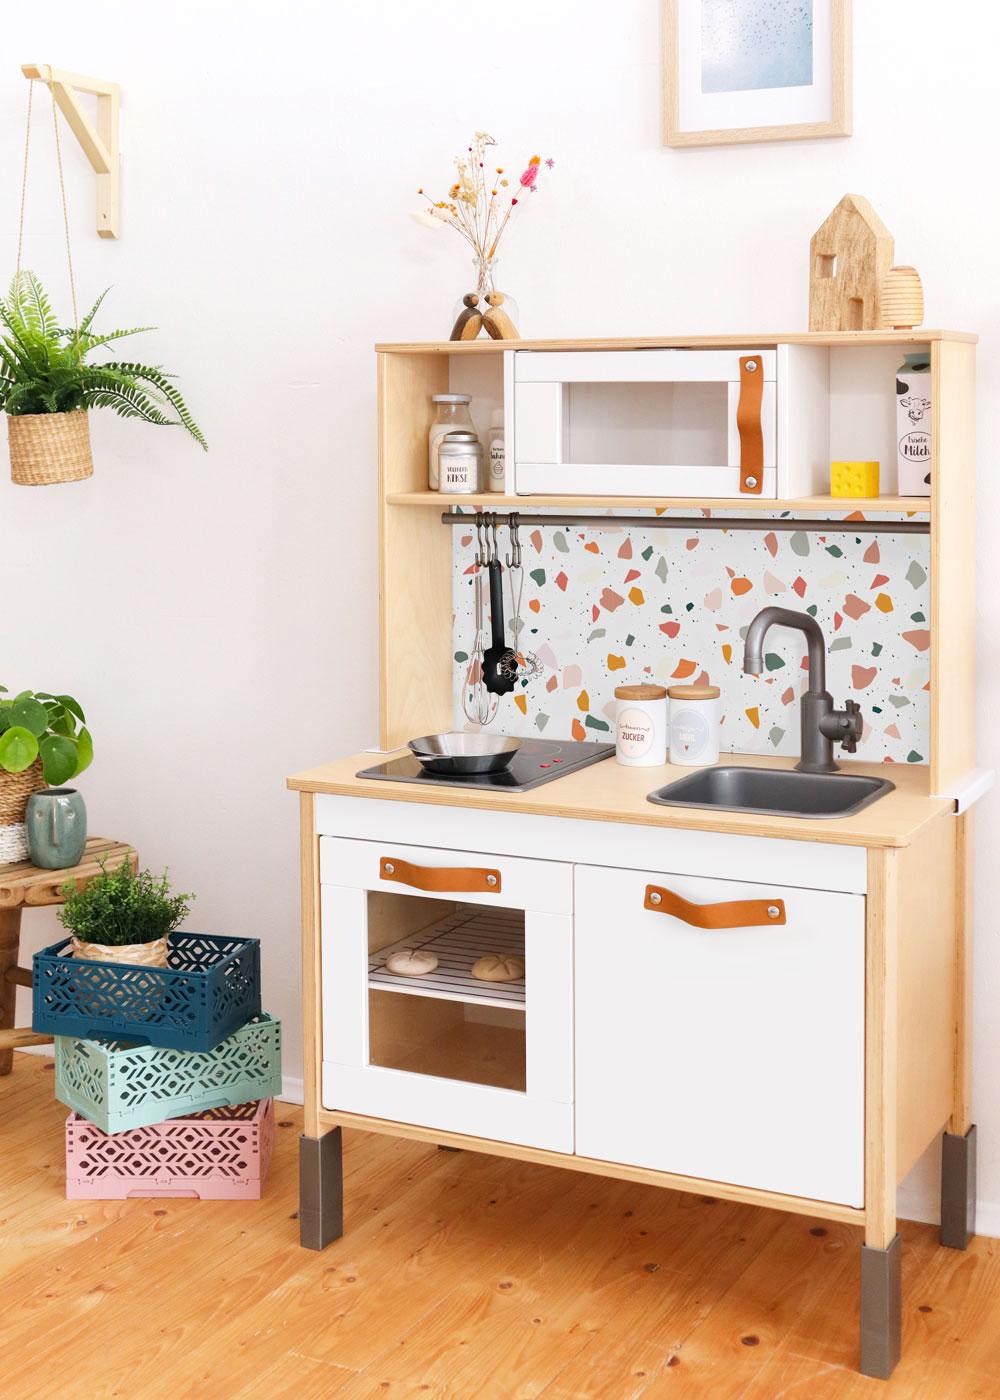 Ikea Duktig Kinderküche Kachla Terrazzo Rost Rosa Komplettansicht